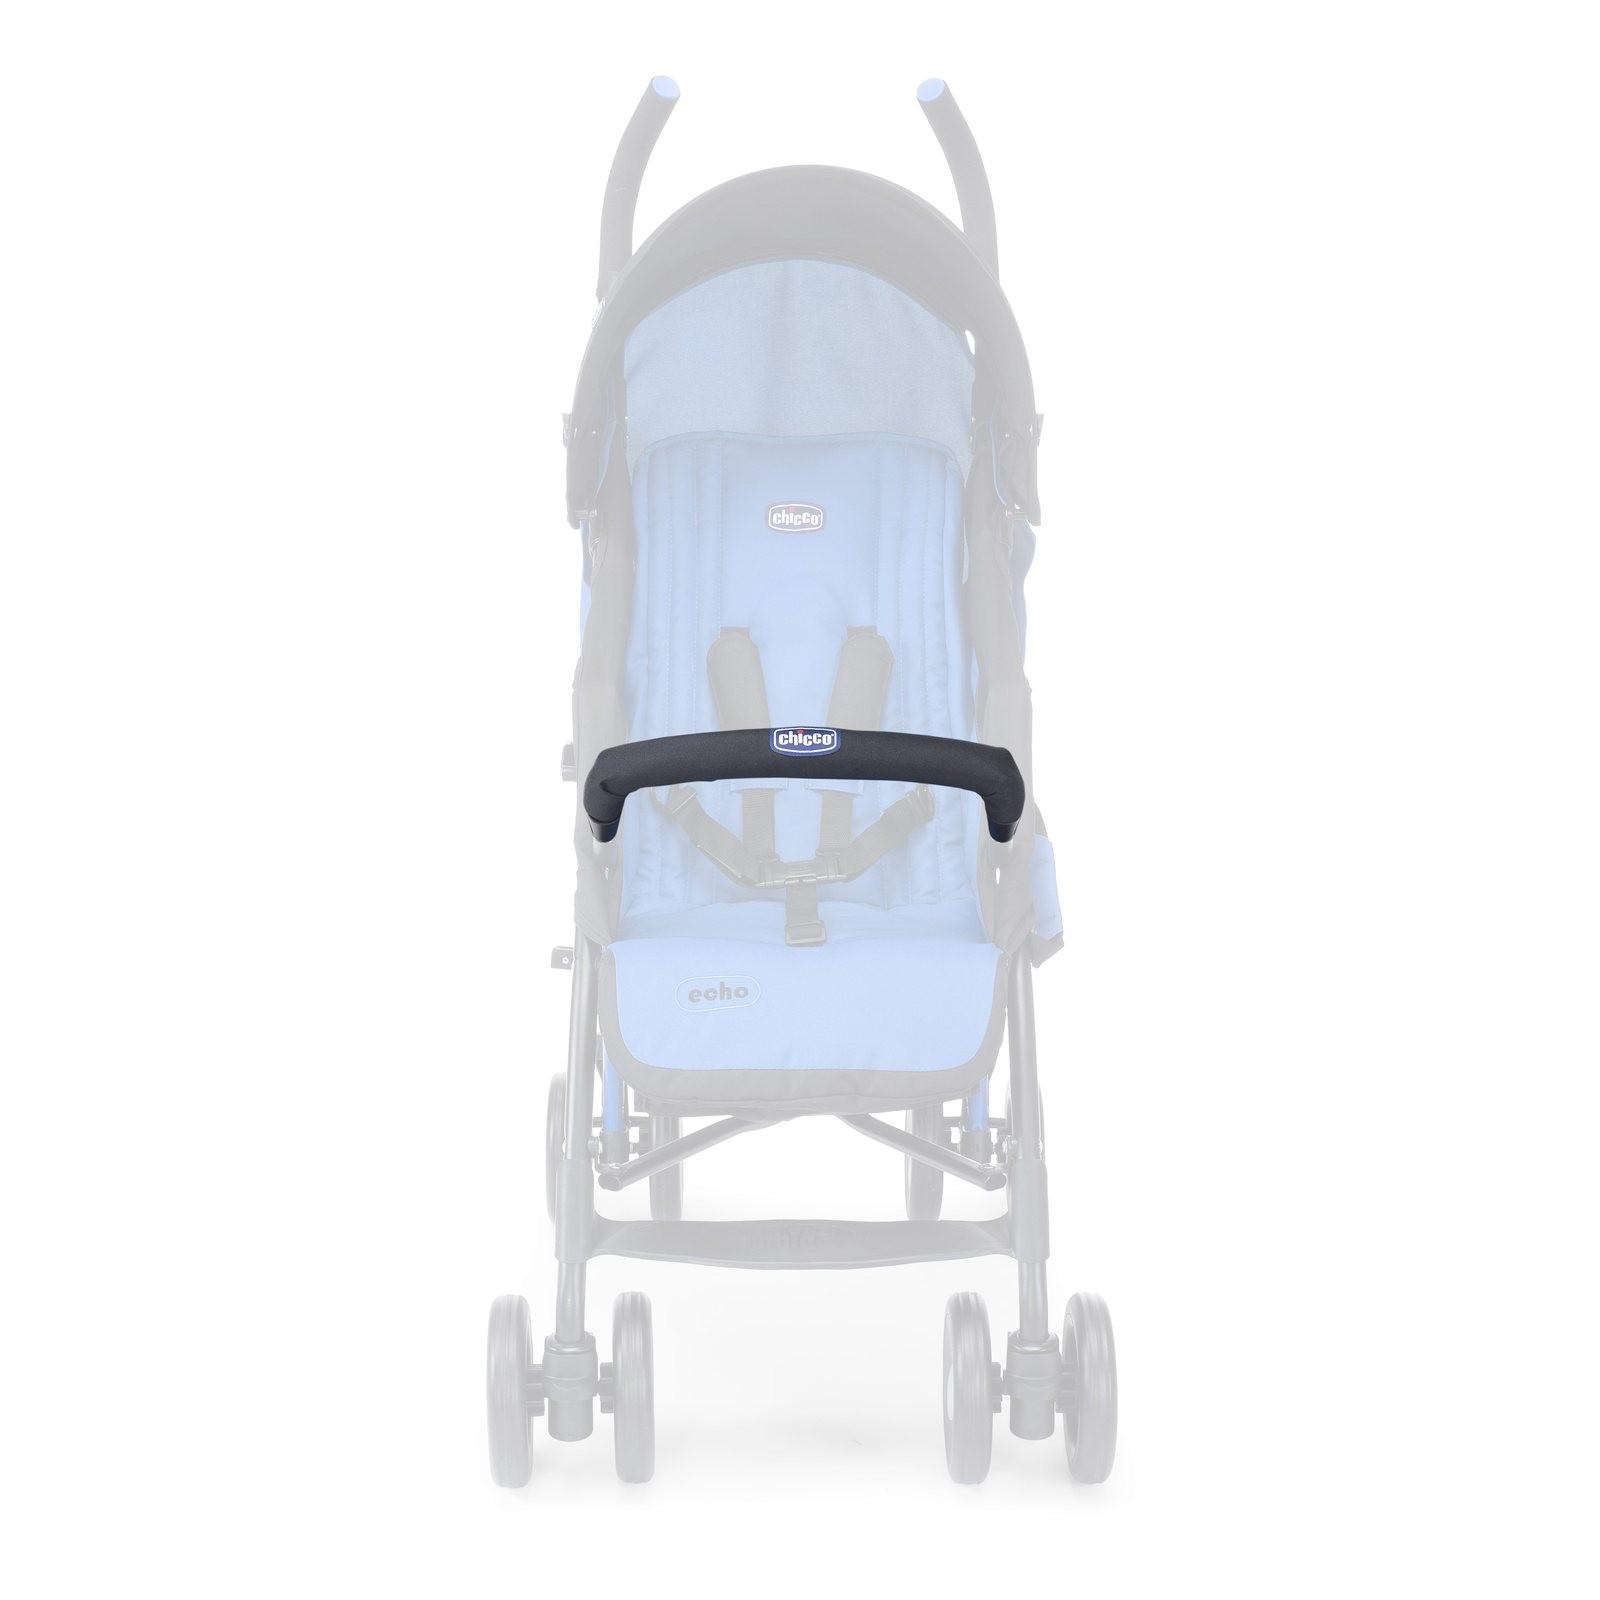 Sicherheitsbügel für Chicco Kinderwagen Echo